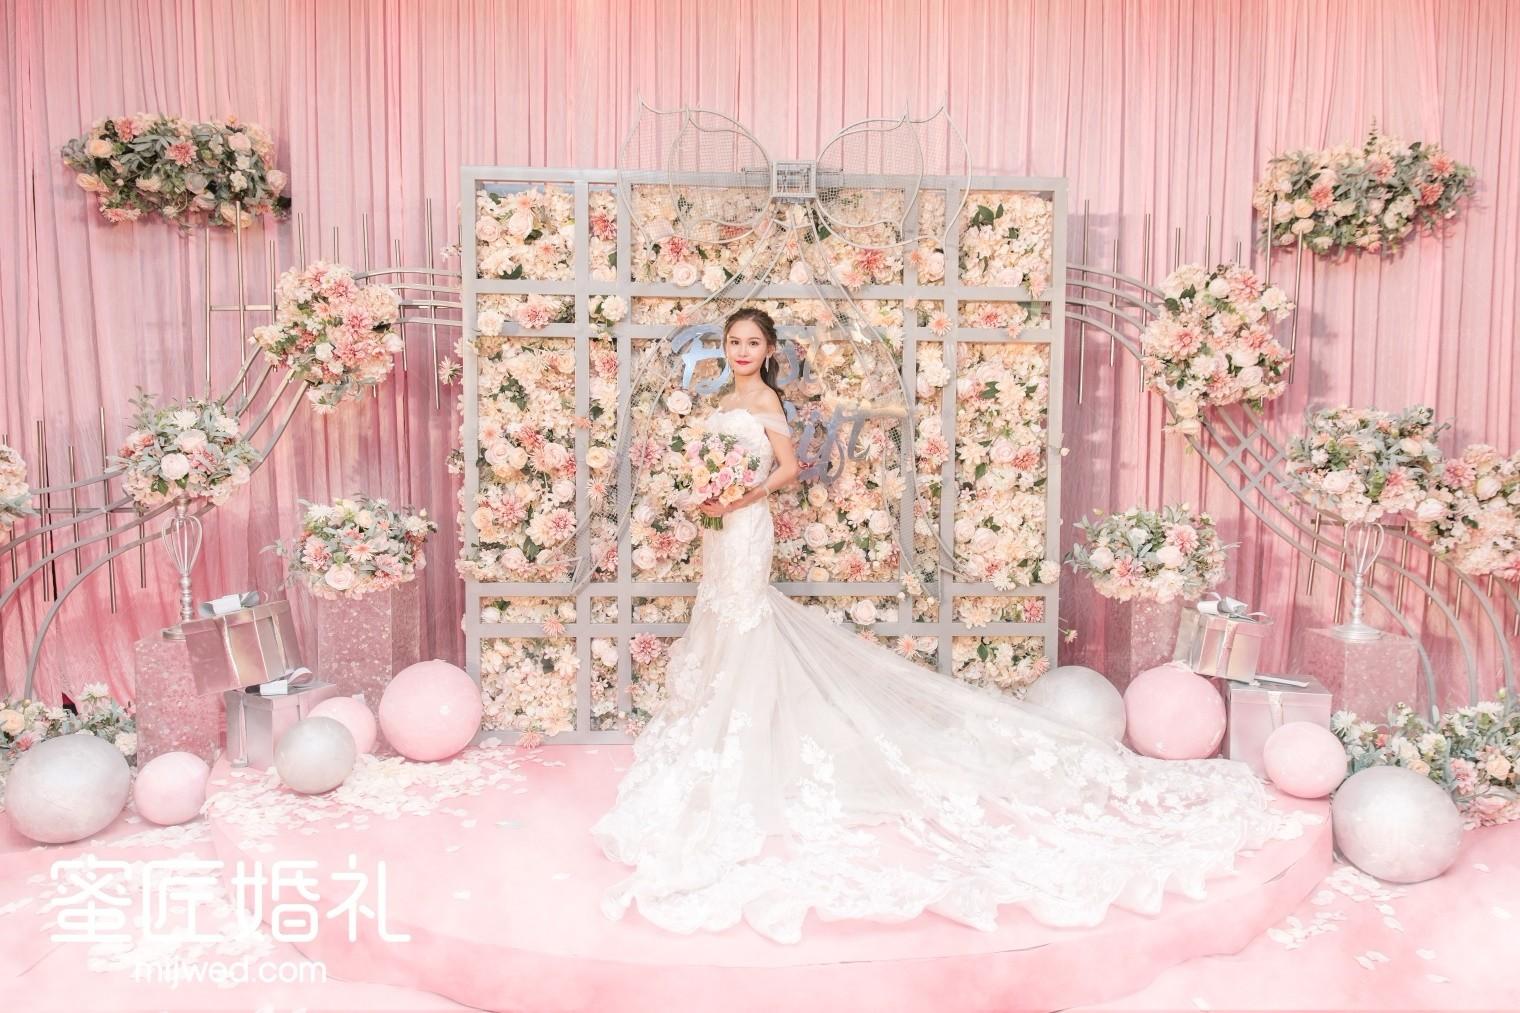 粉色婚庆布置效果图 粉色系婚礼布置效果图